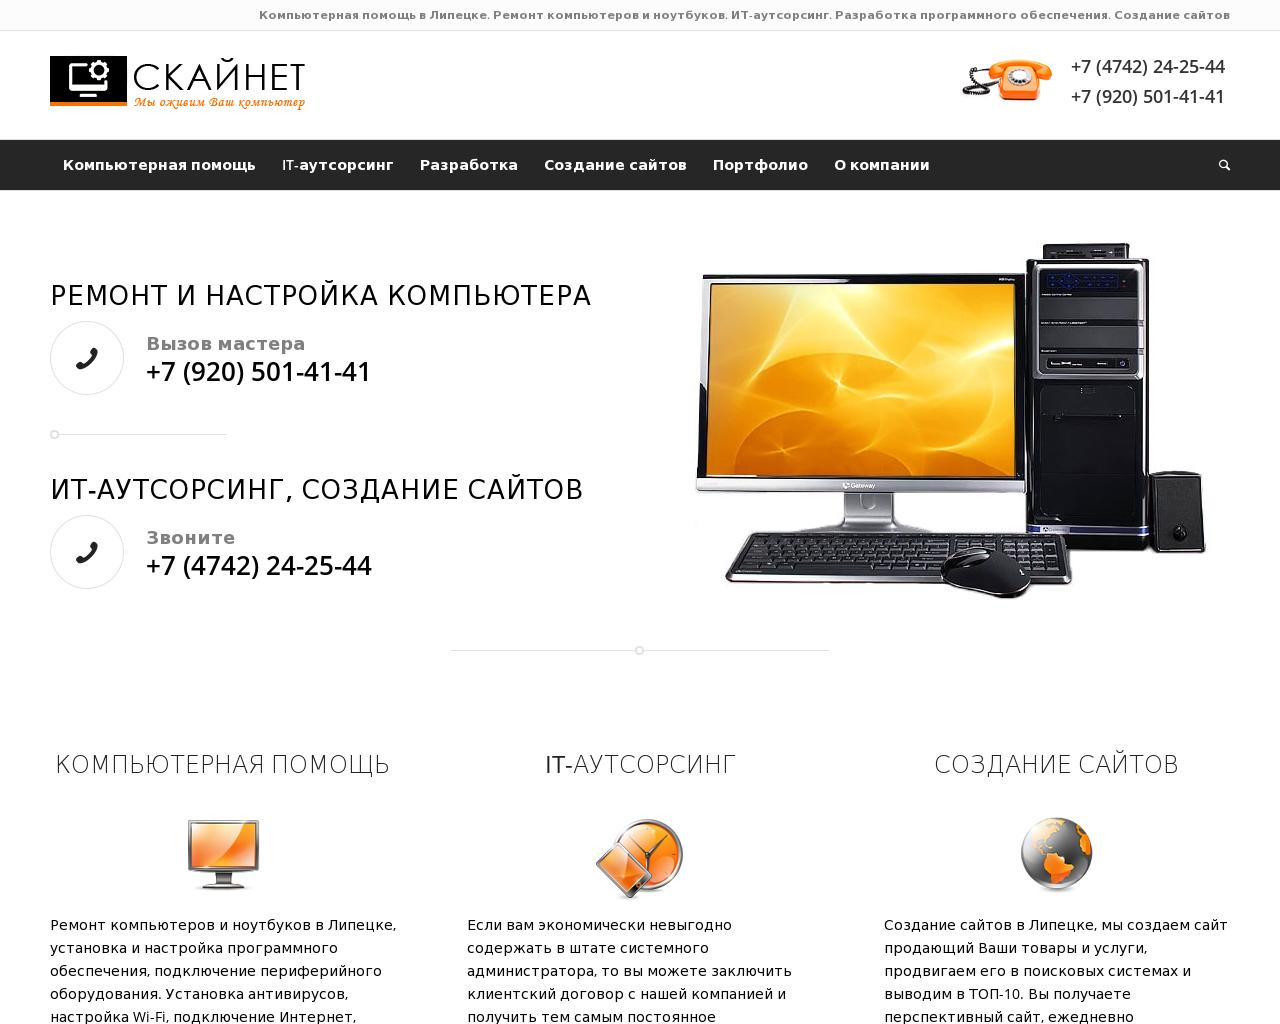 Компьютерная помощь и создание сайтов создание сайтов system